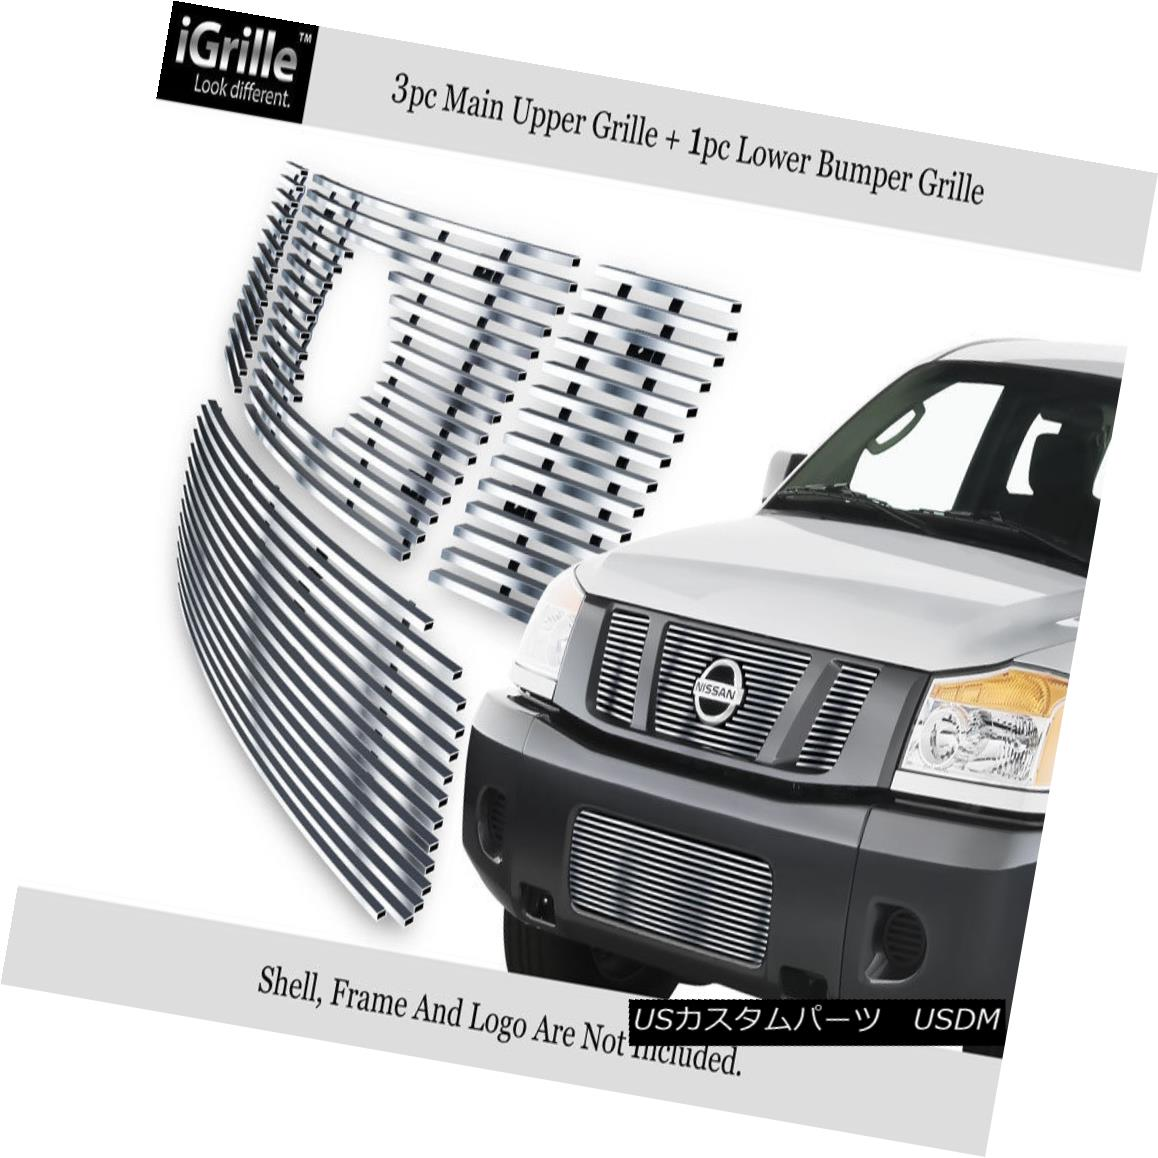 グリル 304 Stainless Steel Billet Grille Combo Fits 08-11 2011 Nissan Titan 304ステンレス鋼ビレットグリルコンボフィッティング08-11 2011 Nissan Titan